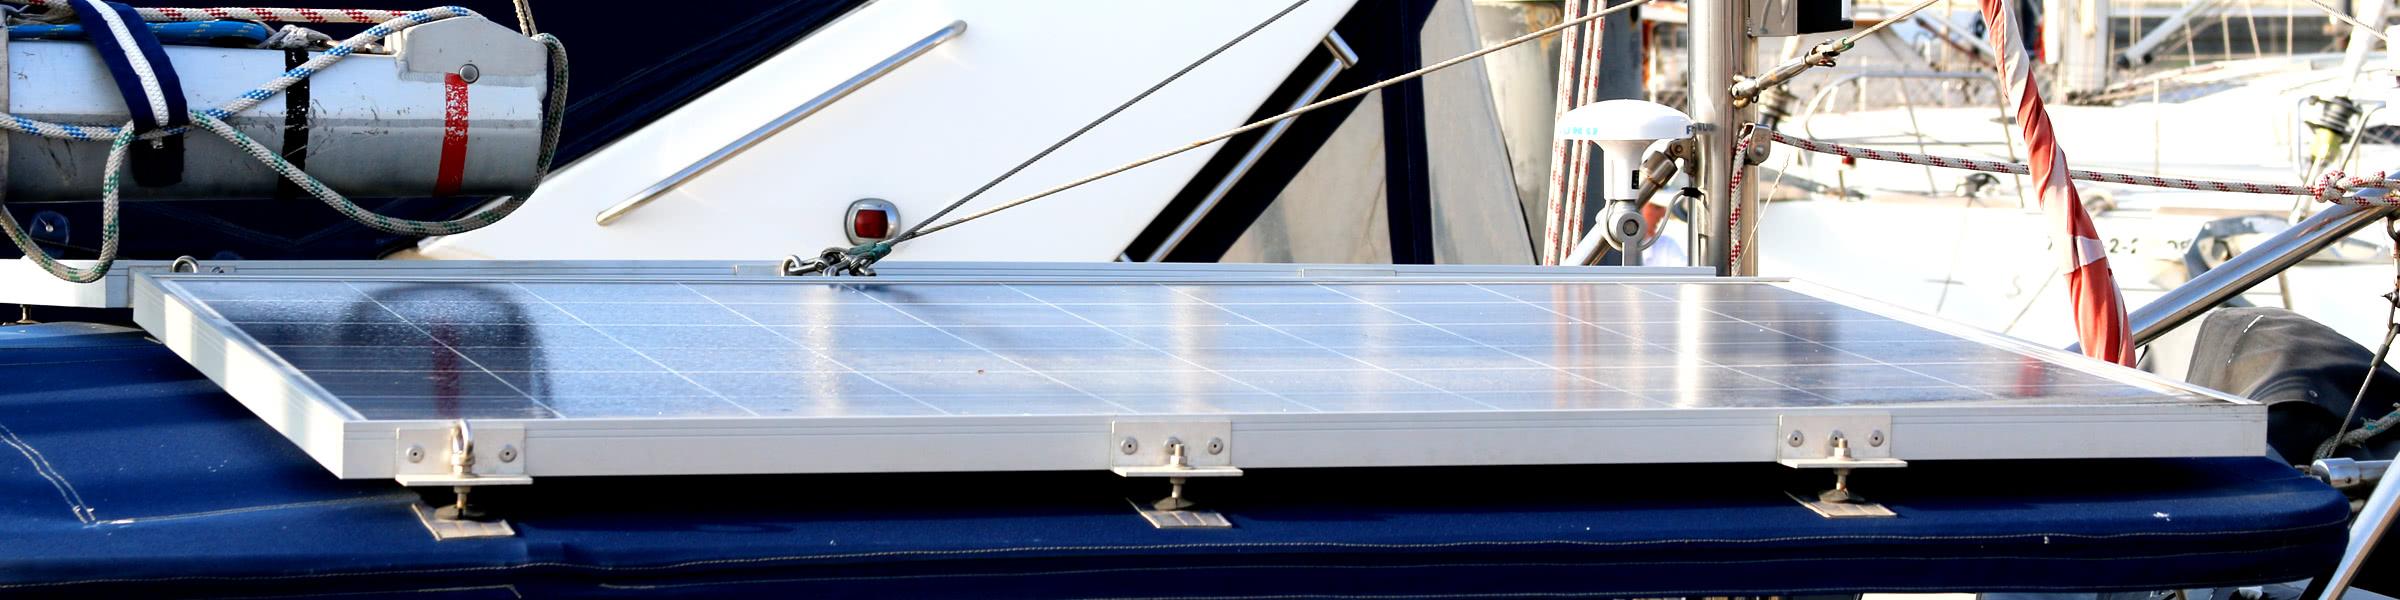 Solar Panels & Wind Generators